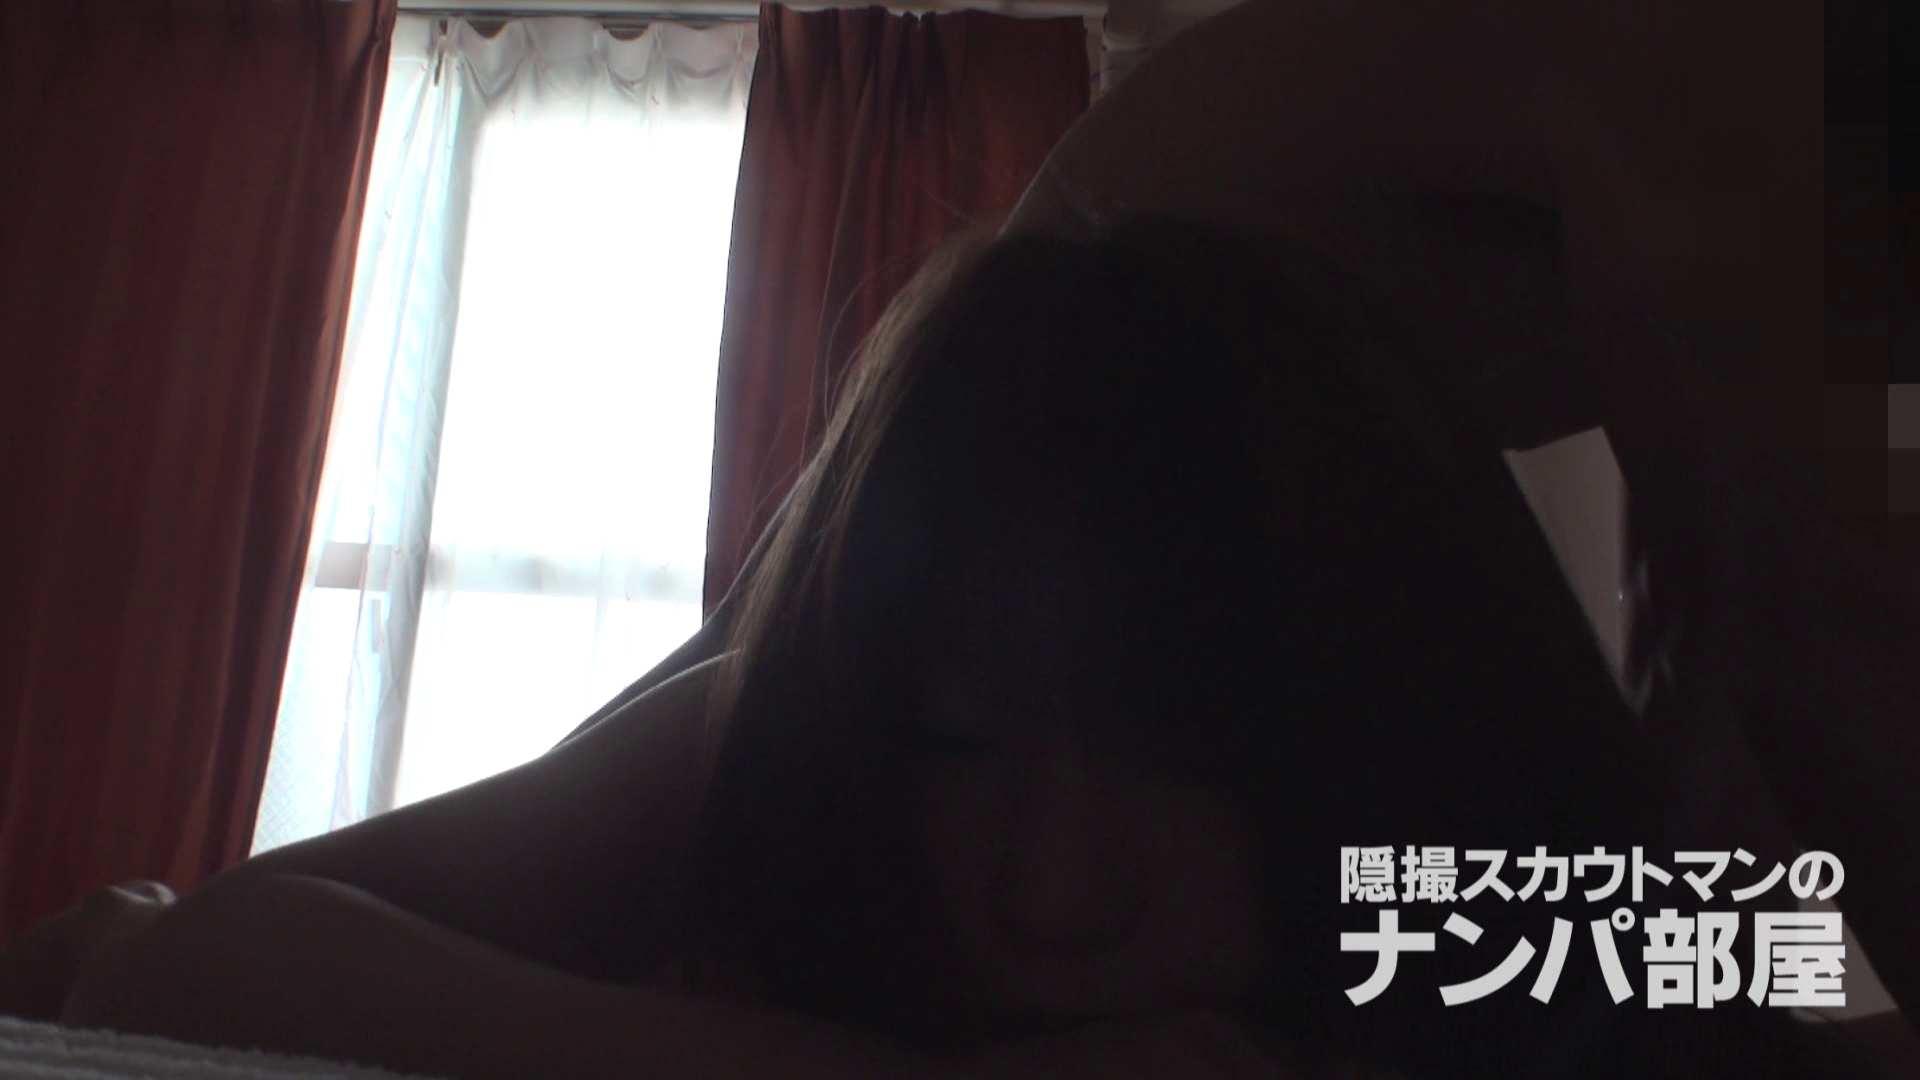 隠撮スカウトマンのナンパ部屋~風俗デビュー前のつまみ食い~ siivol.4 ナンパ おめこ無修正画像 57PIX 44